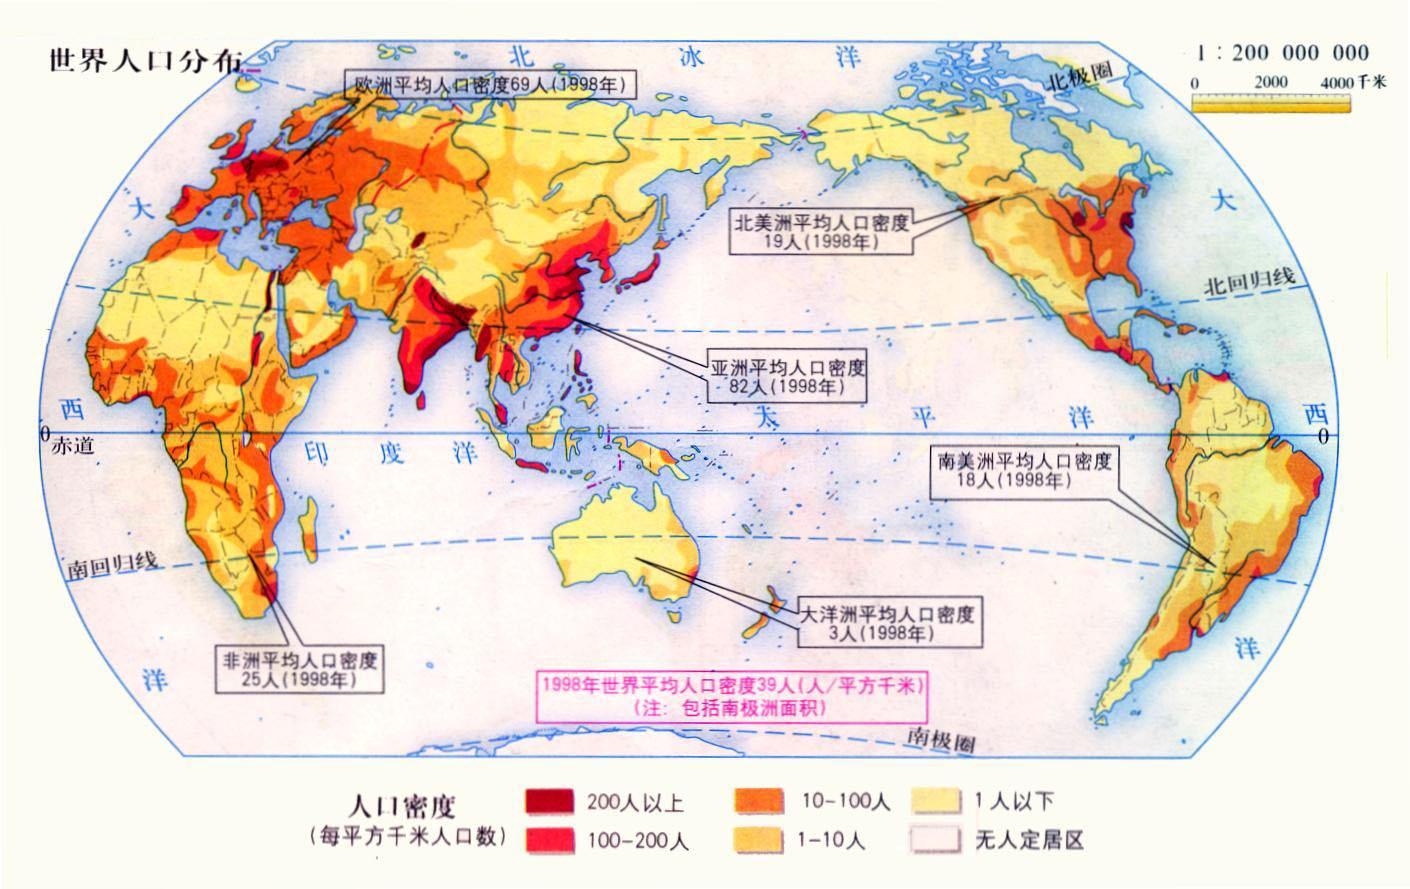 中国人口与世界人口_世界人口分布_百度知道